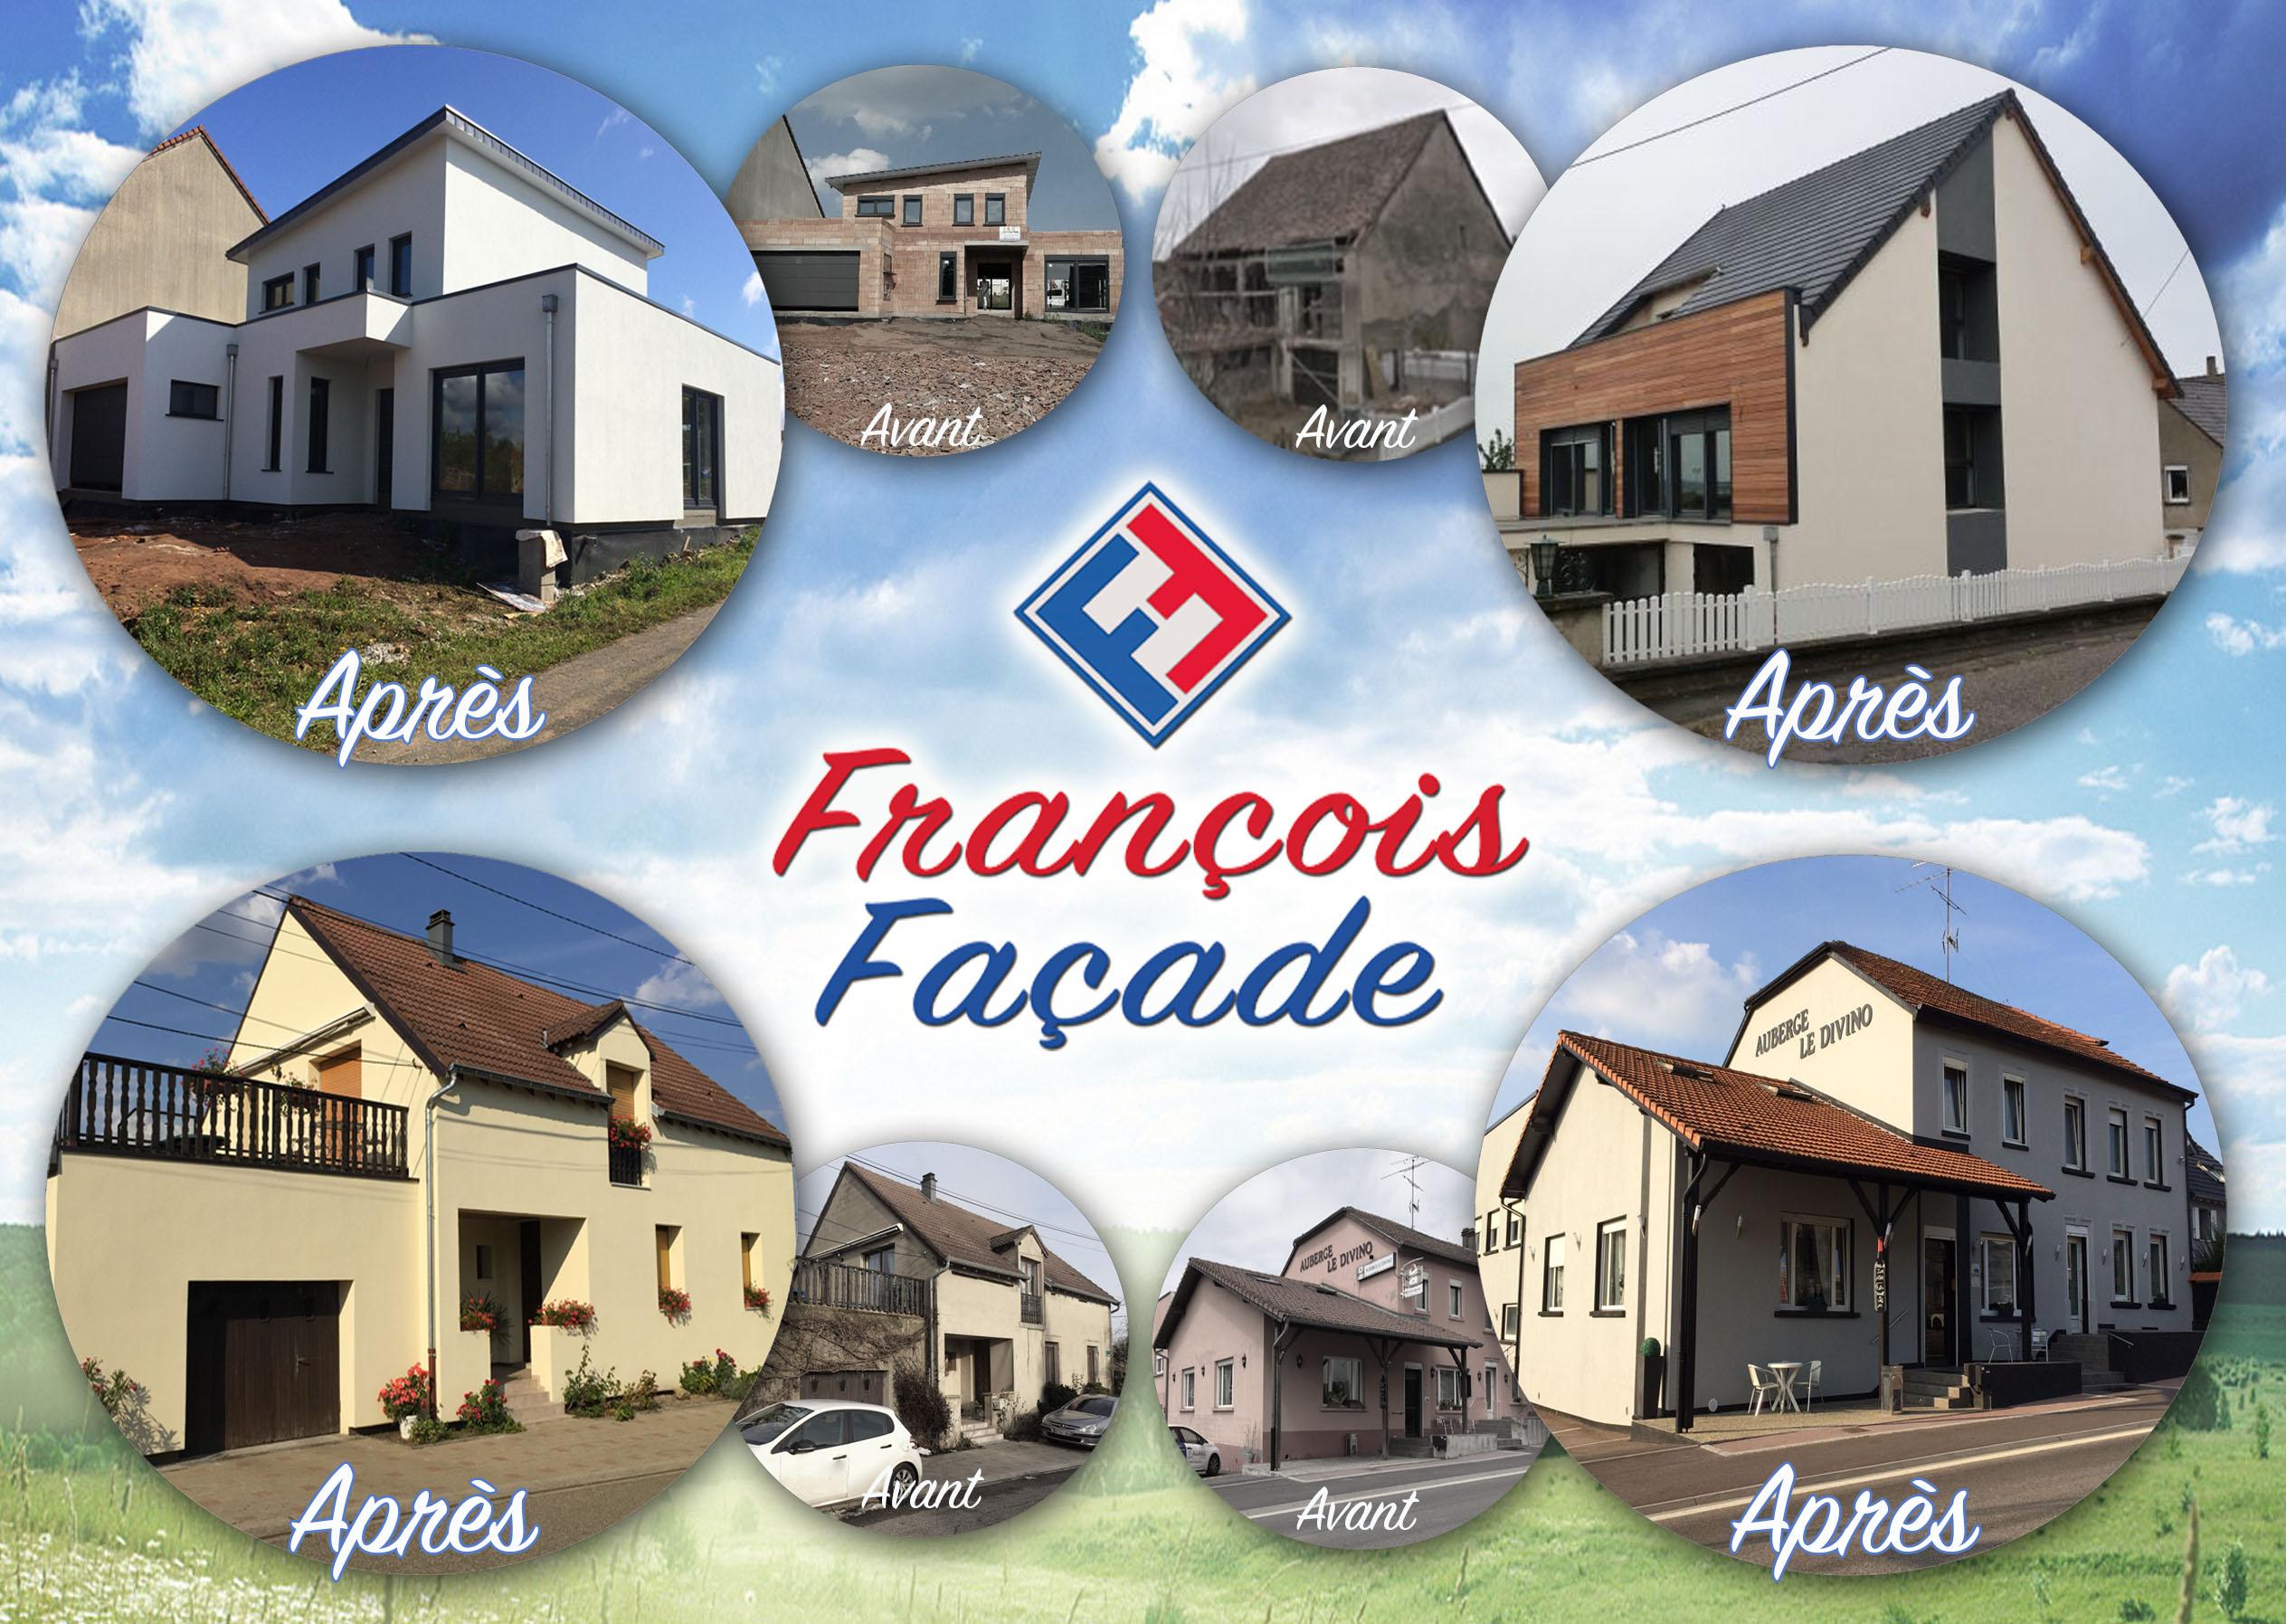 FRANCOIS FACADE